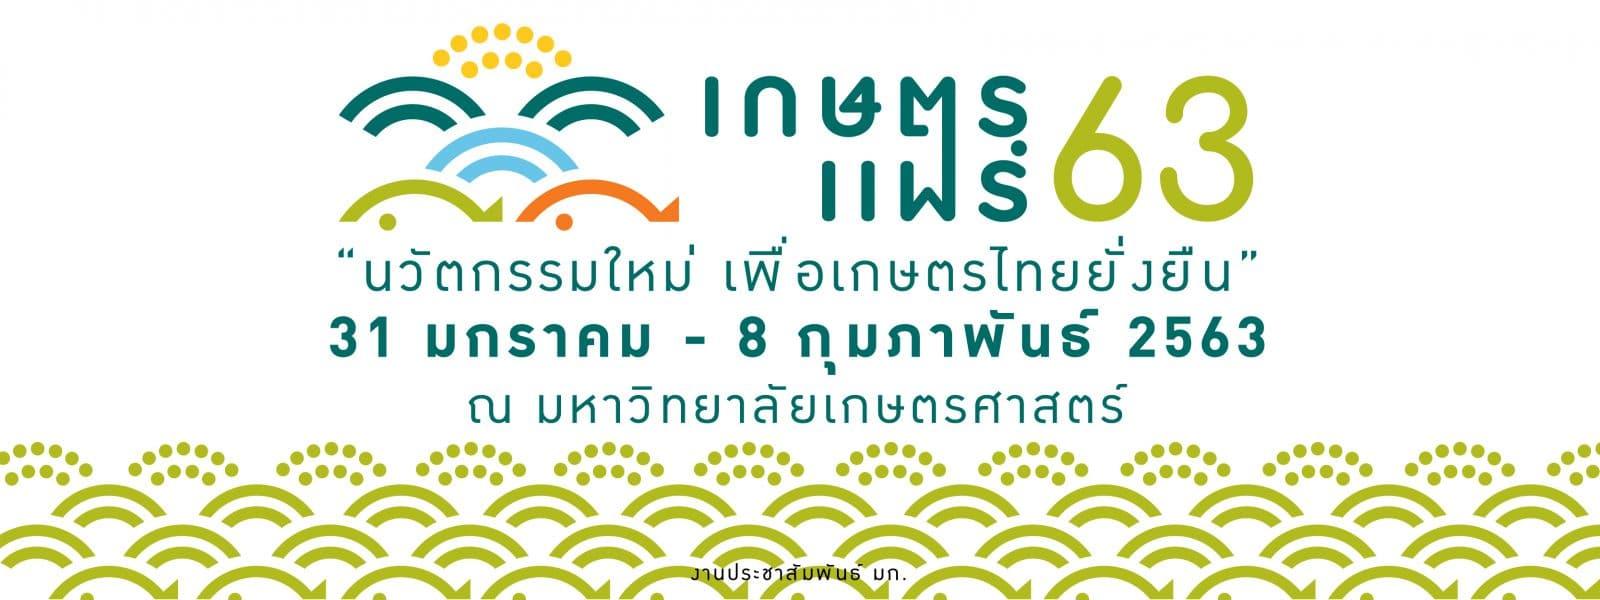 """งานเกษตรแฟร์ 2563 ภายใต้แนวคิด """"ในน้ำมีปลา ในนามีข้าว"""" ระหว่างวันที่ 31 มกราคม – 8 กุมภาพันธ์ 2563 เปิดและปิด ตั้งแต่เวลา 10.00 – 22.00 น. ณ มหาวิทยาลัยเกษตรศาสตร์ วิทยาเขตบางเขน"""